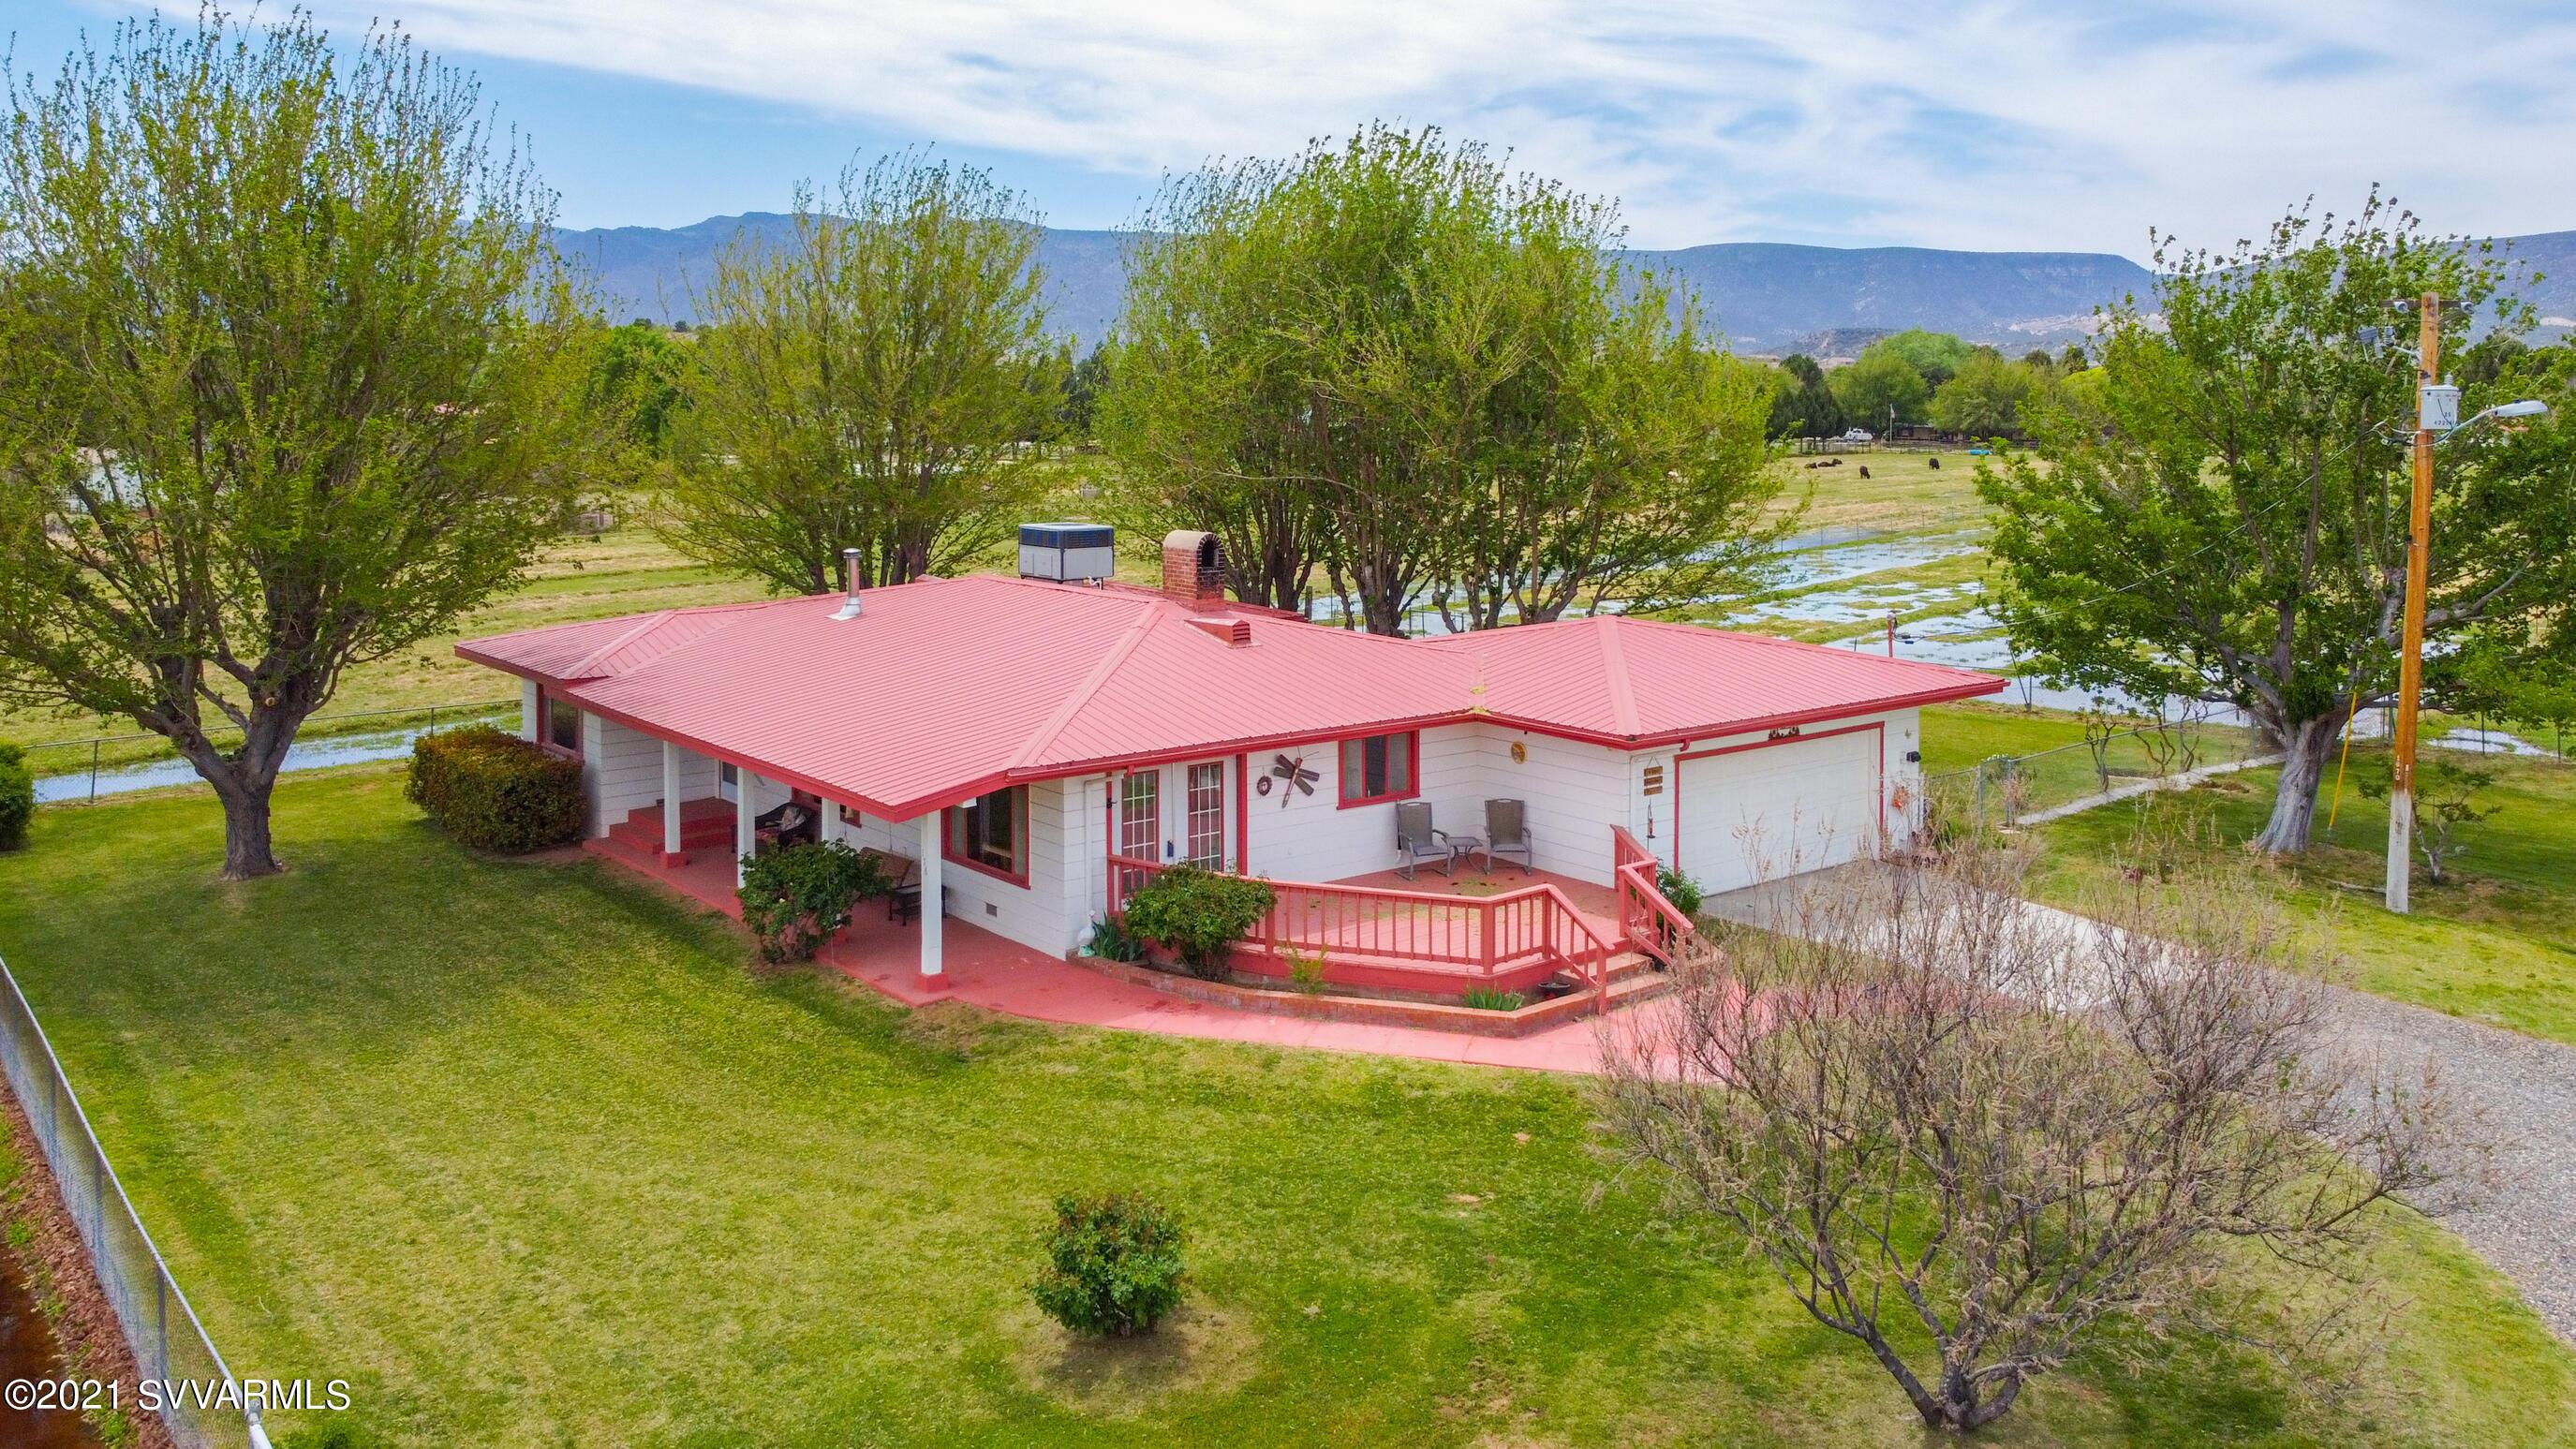 176 N Montezuma Castle Hwy Camp Verde, AZ 86322